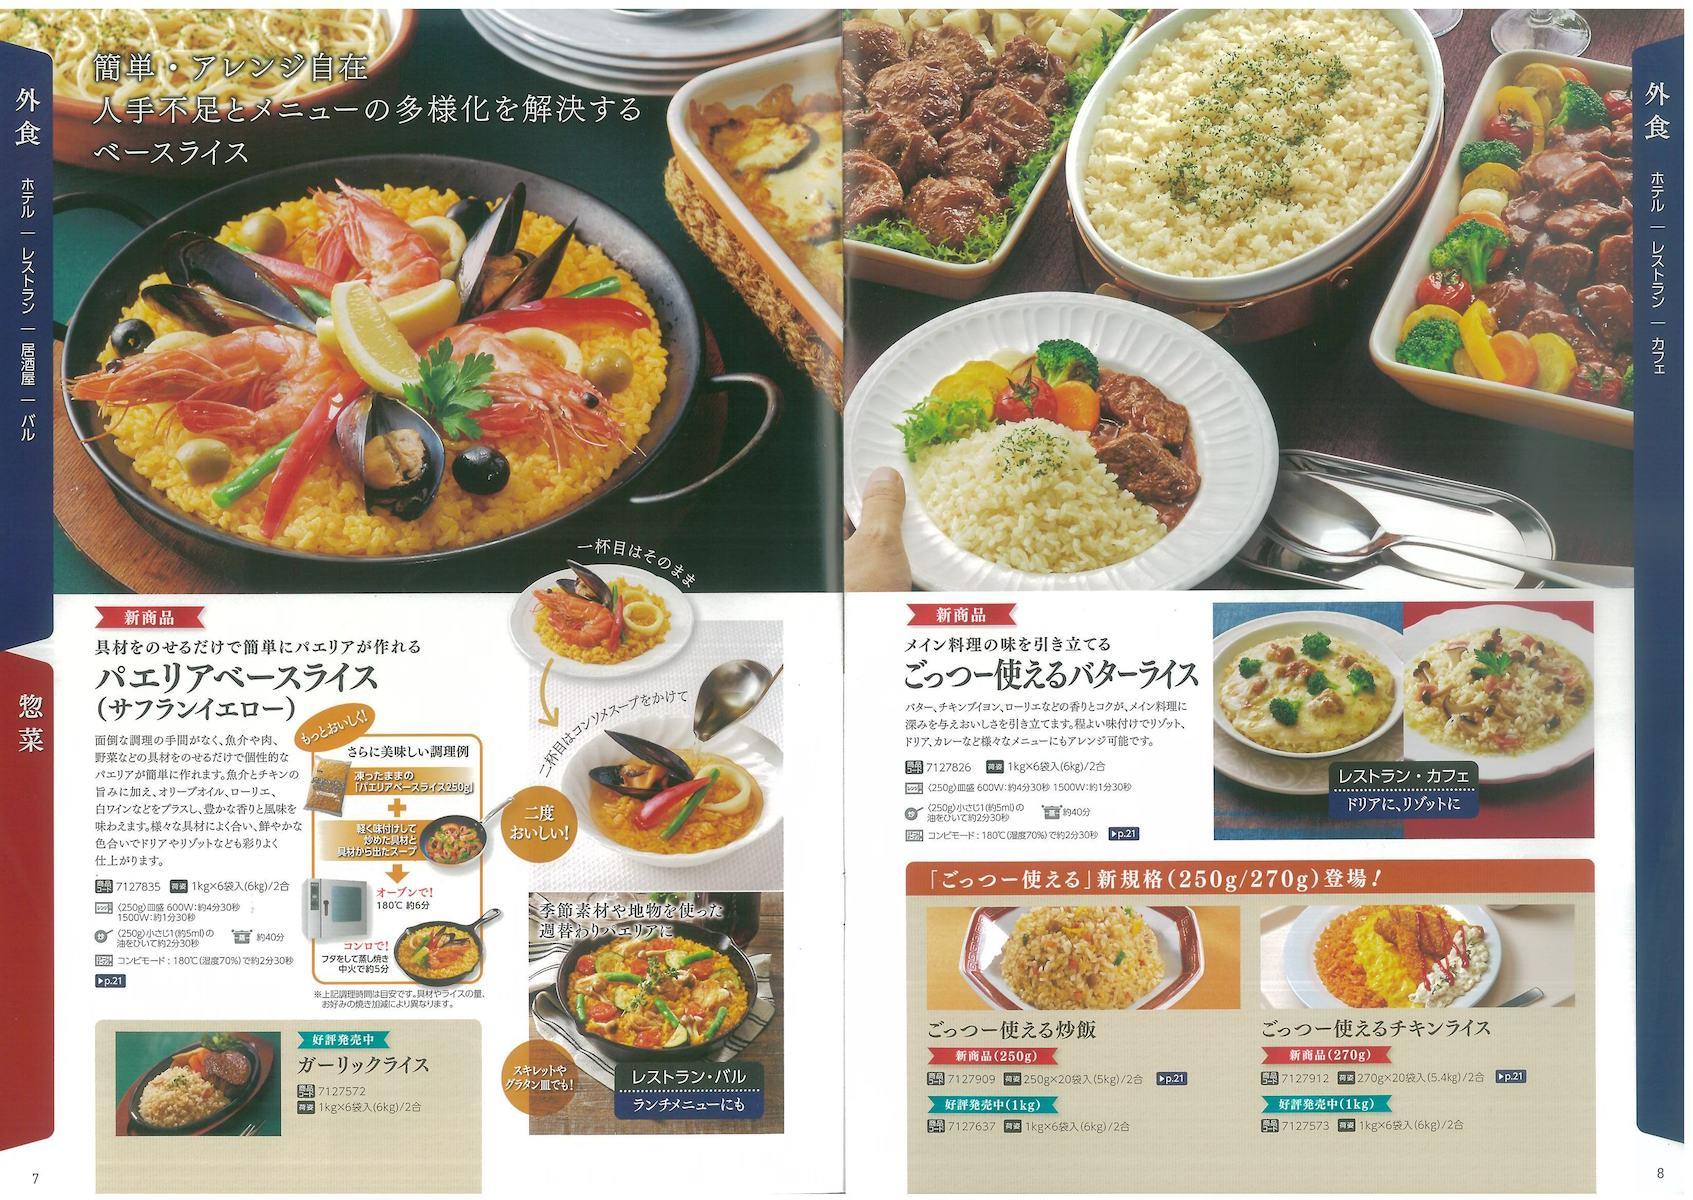 テーブルマーク2017秋 パエリアベースライス(サフランイエロー) ごっつー使えるバターライス ごっつー使える炒飯 ごっつー使えるチキンライス